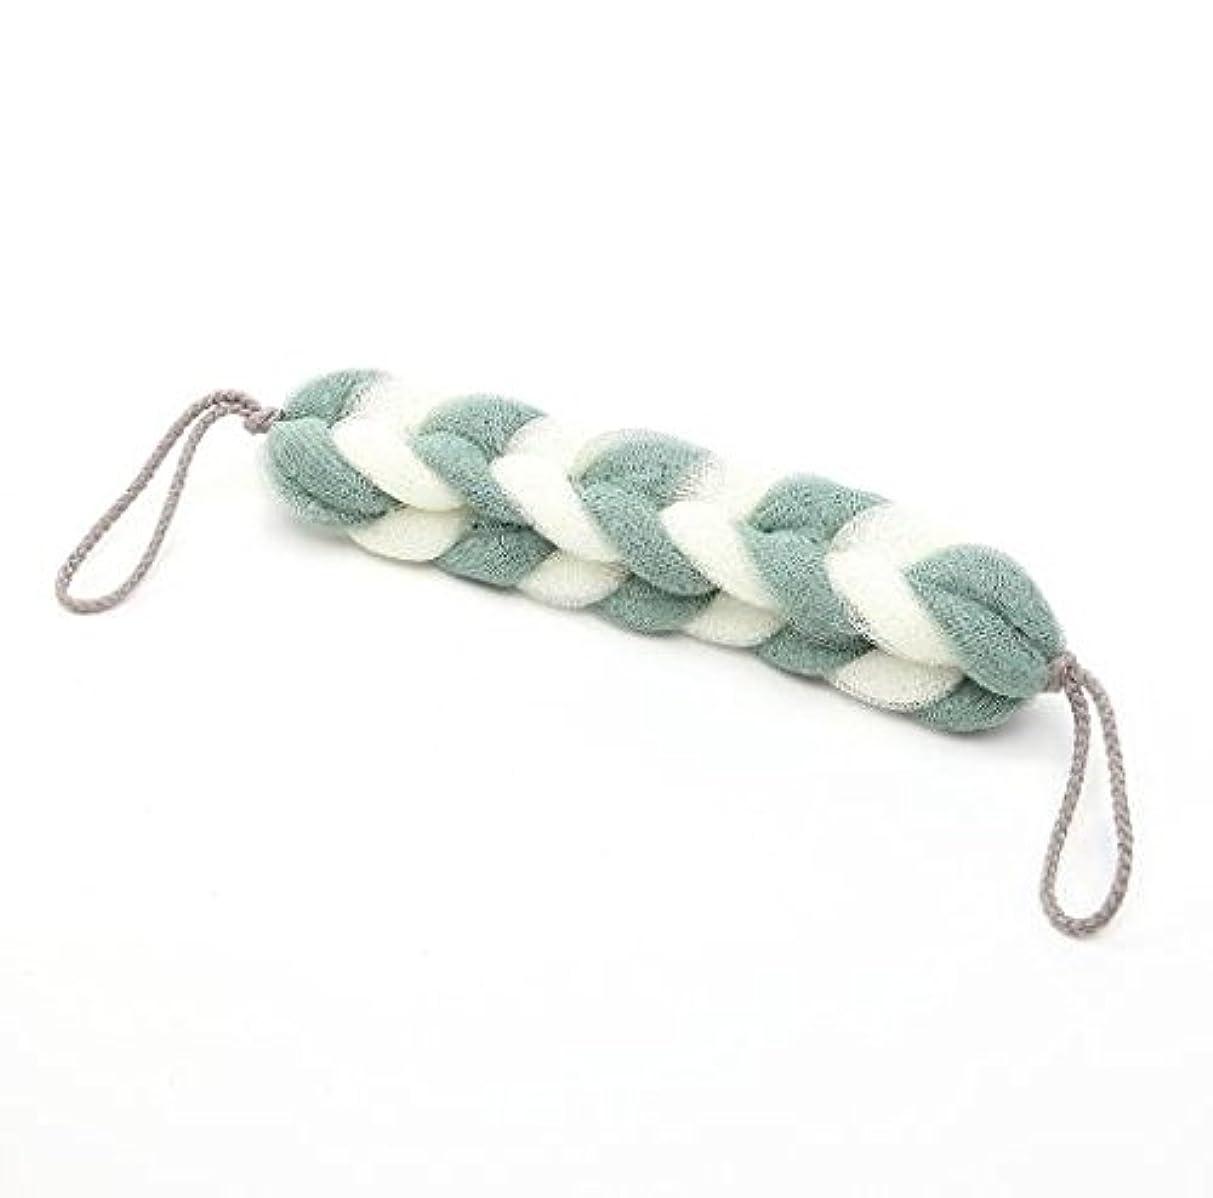 シネウィ帆息苦しいICOUCHI ボディースポンジ 背中も洗えるシャボン ボディウォッシュ シャワースポンジ 柔らかい泡立てネット ストラップ付き 棒型